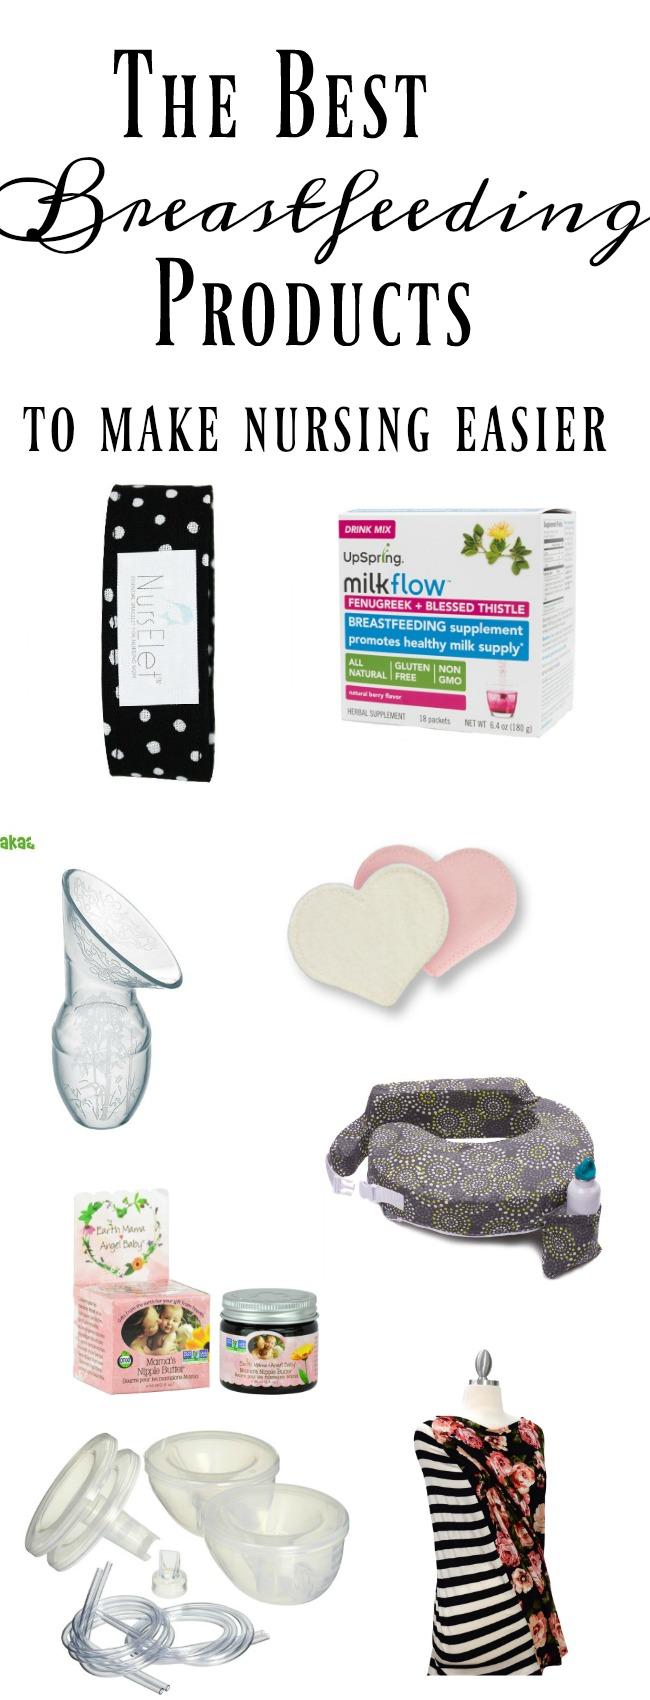 The best breastfeeding supplies to help make nursing easier.